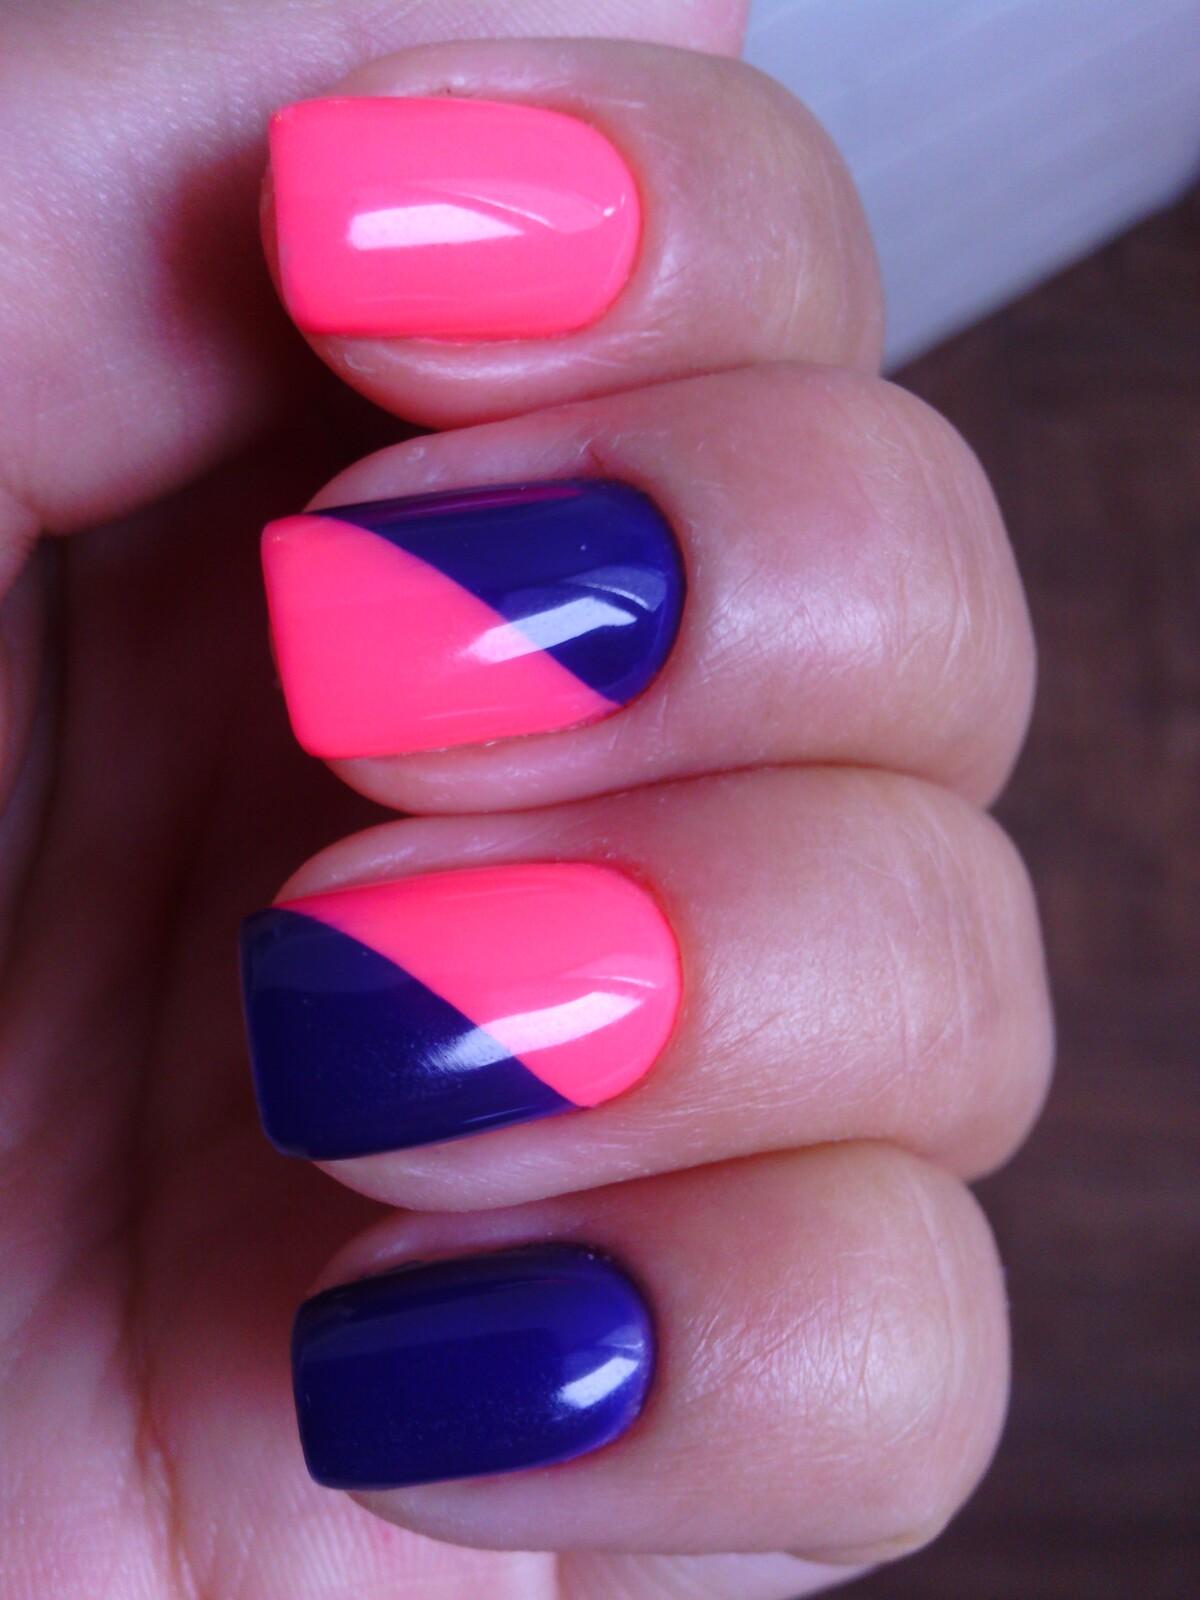 Anastasia Luksha Electric file manicure 13 August